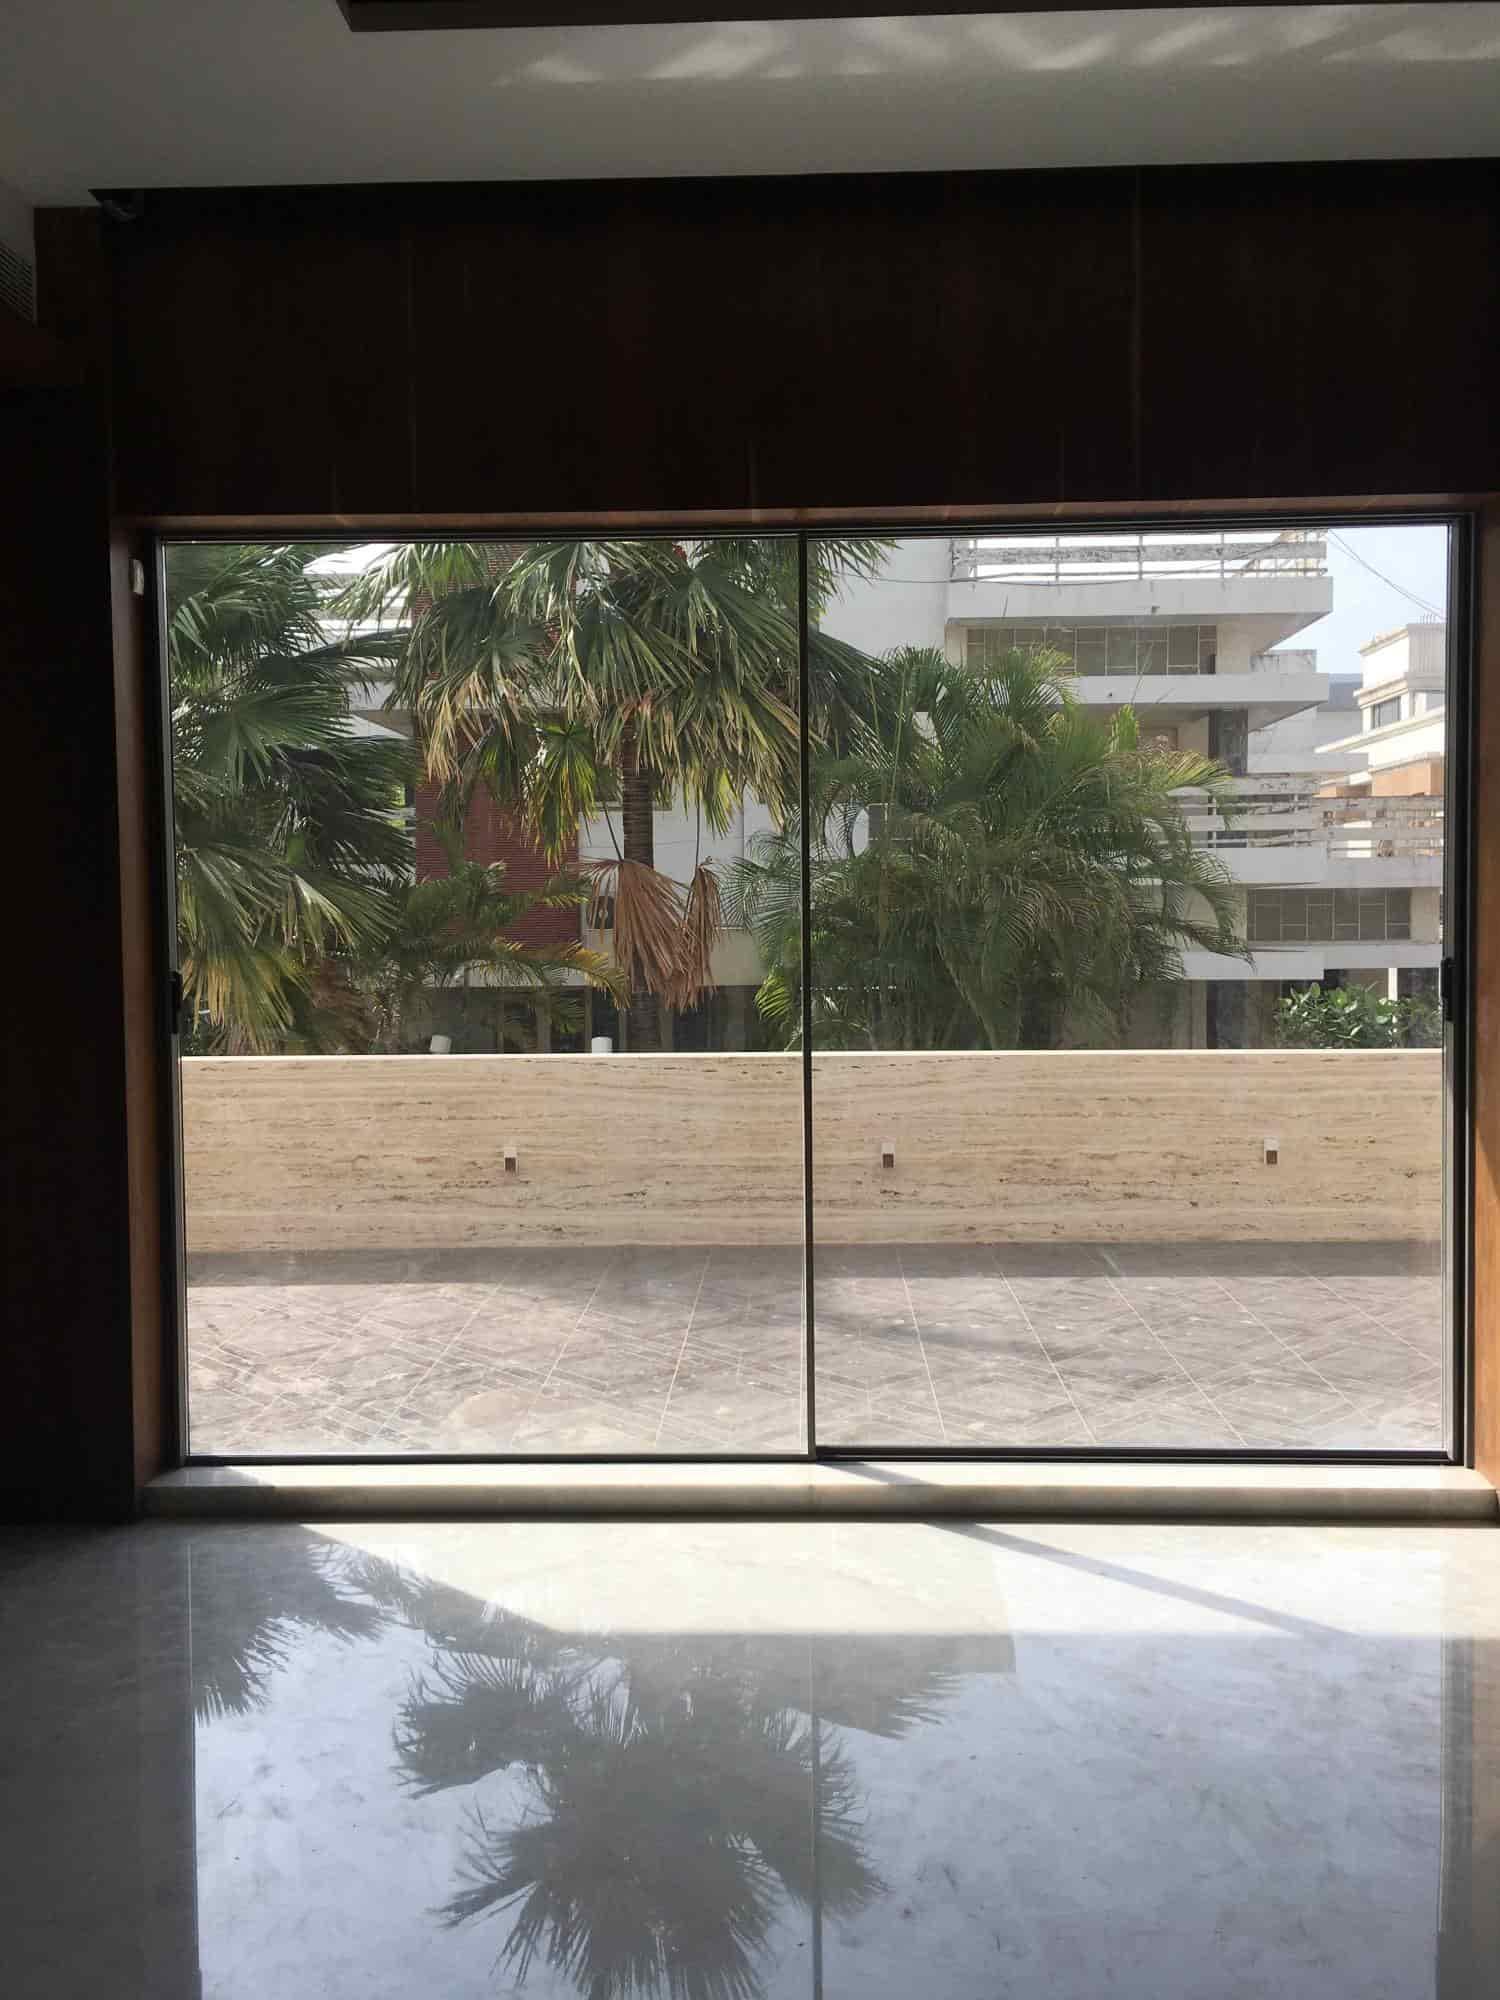 Telesia Upcv Window And Door, Bhatar Road - Upvc Door